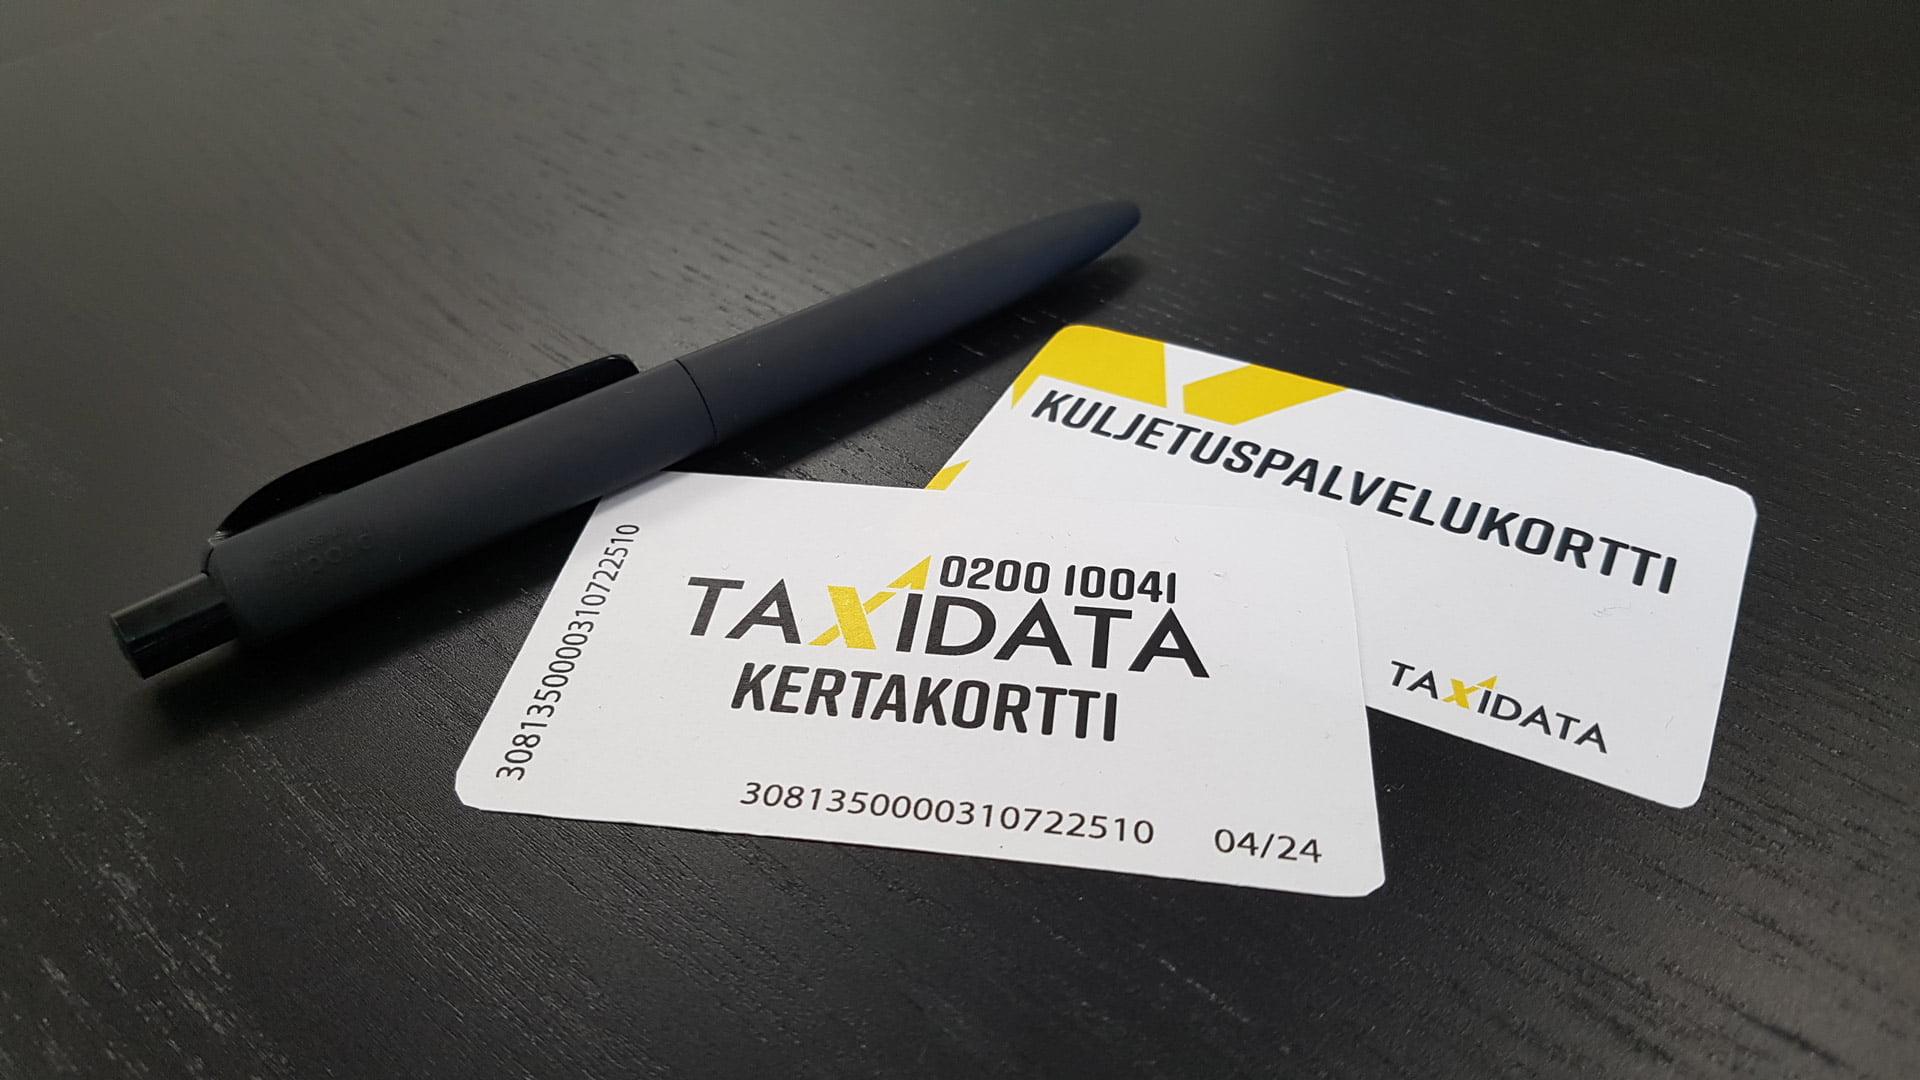 Taxidatan taksikortti on maksuväline yrityksille